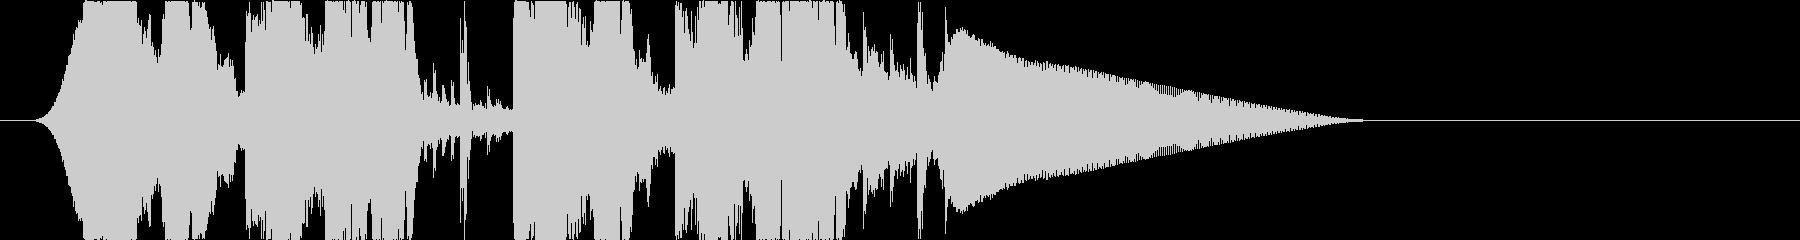 EDMトロピカルハウスなジングルの未再生の波形